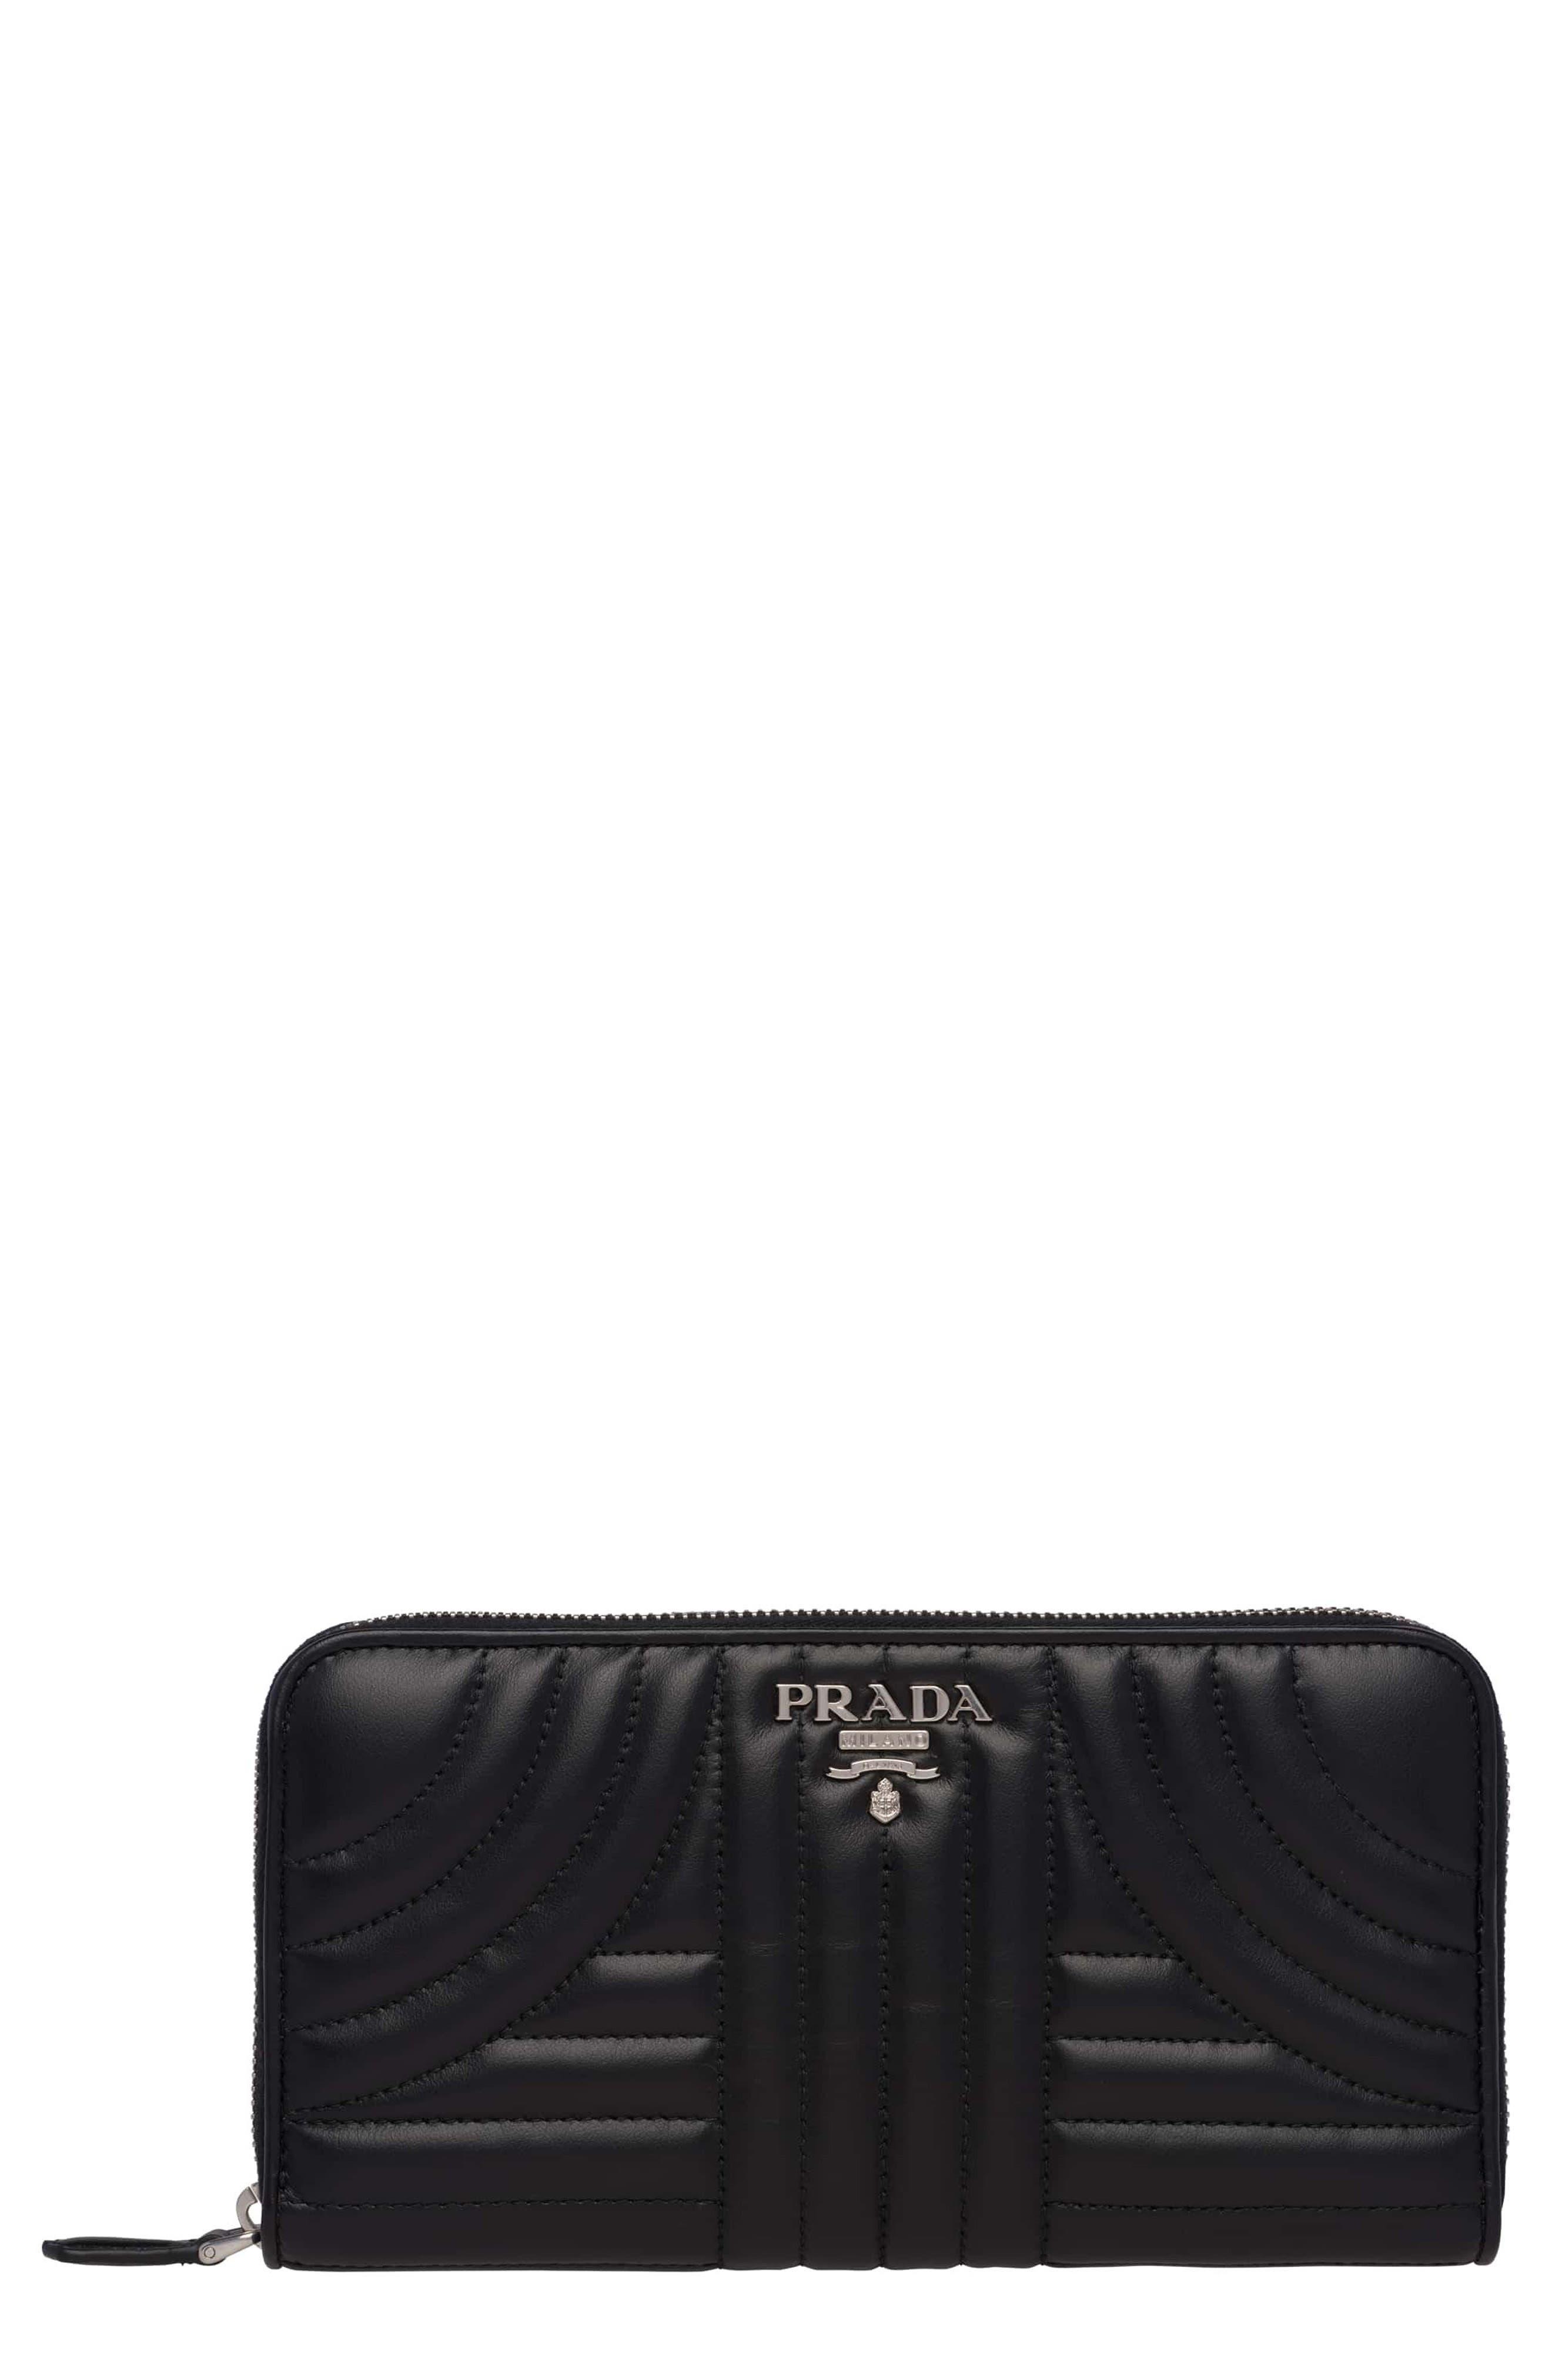 Prada Quilted Calfskin Leather Zip-Around Wallet